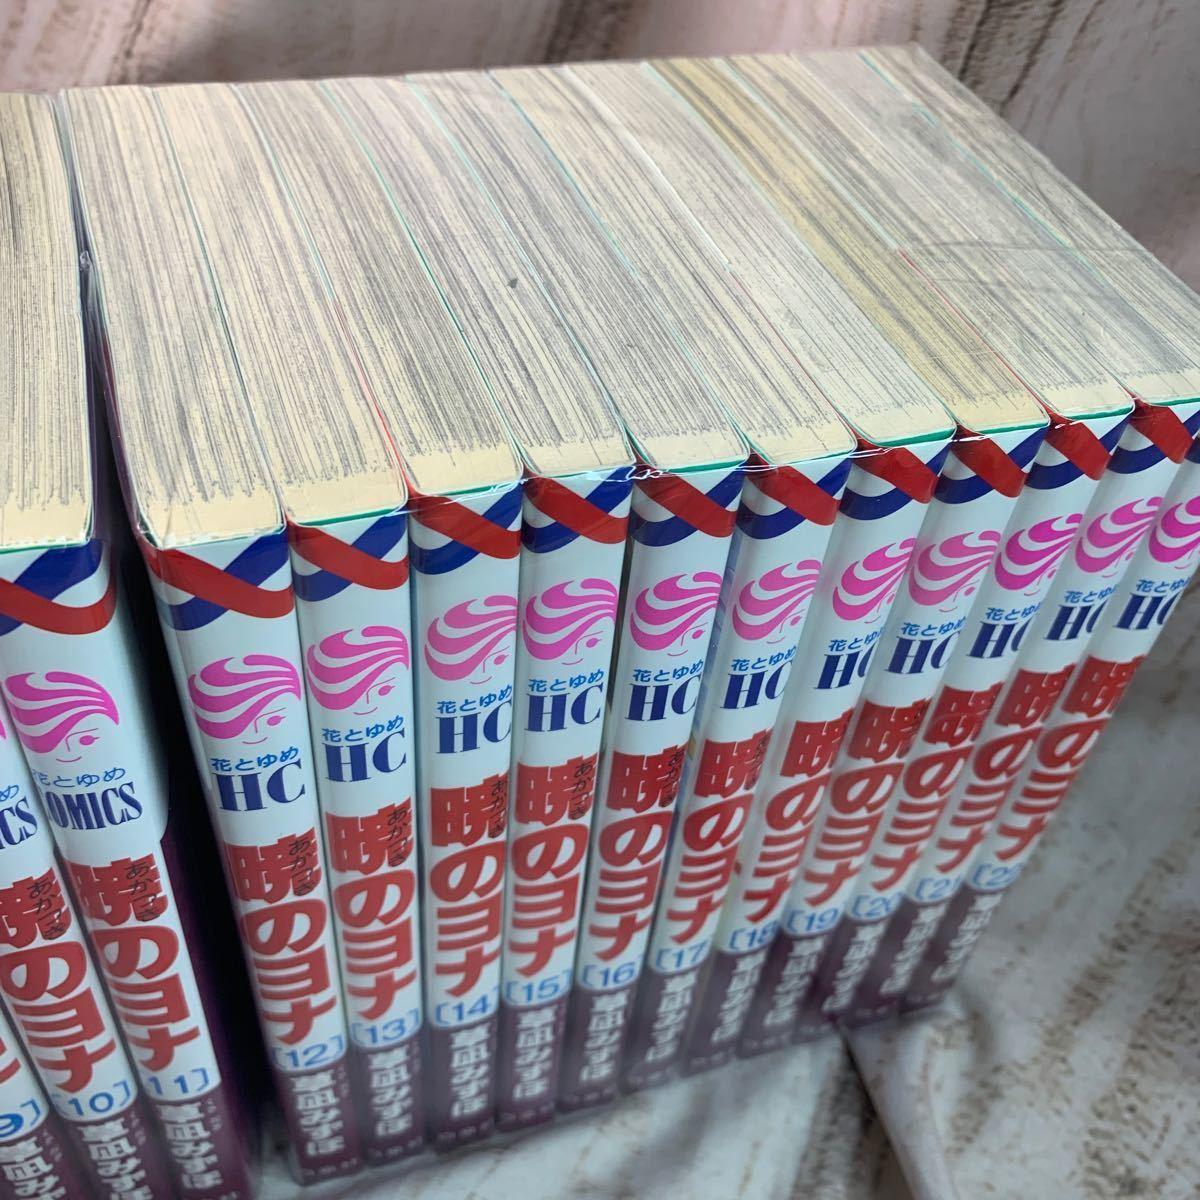 【全巻初版】暁のヨナ 35巻まで 全巻セット